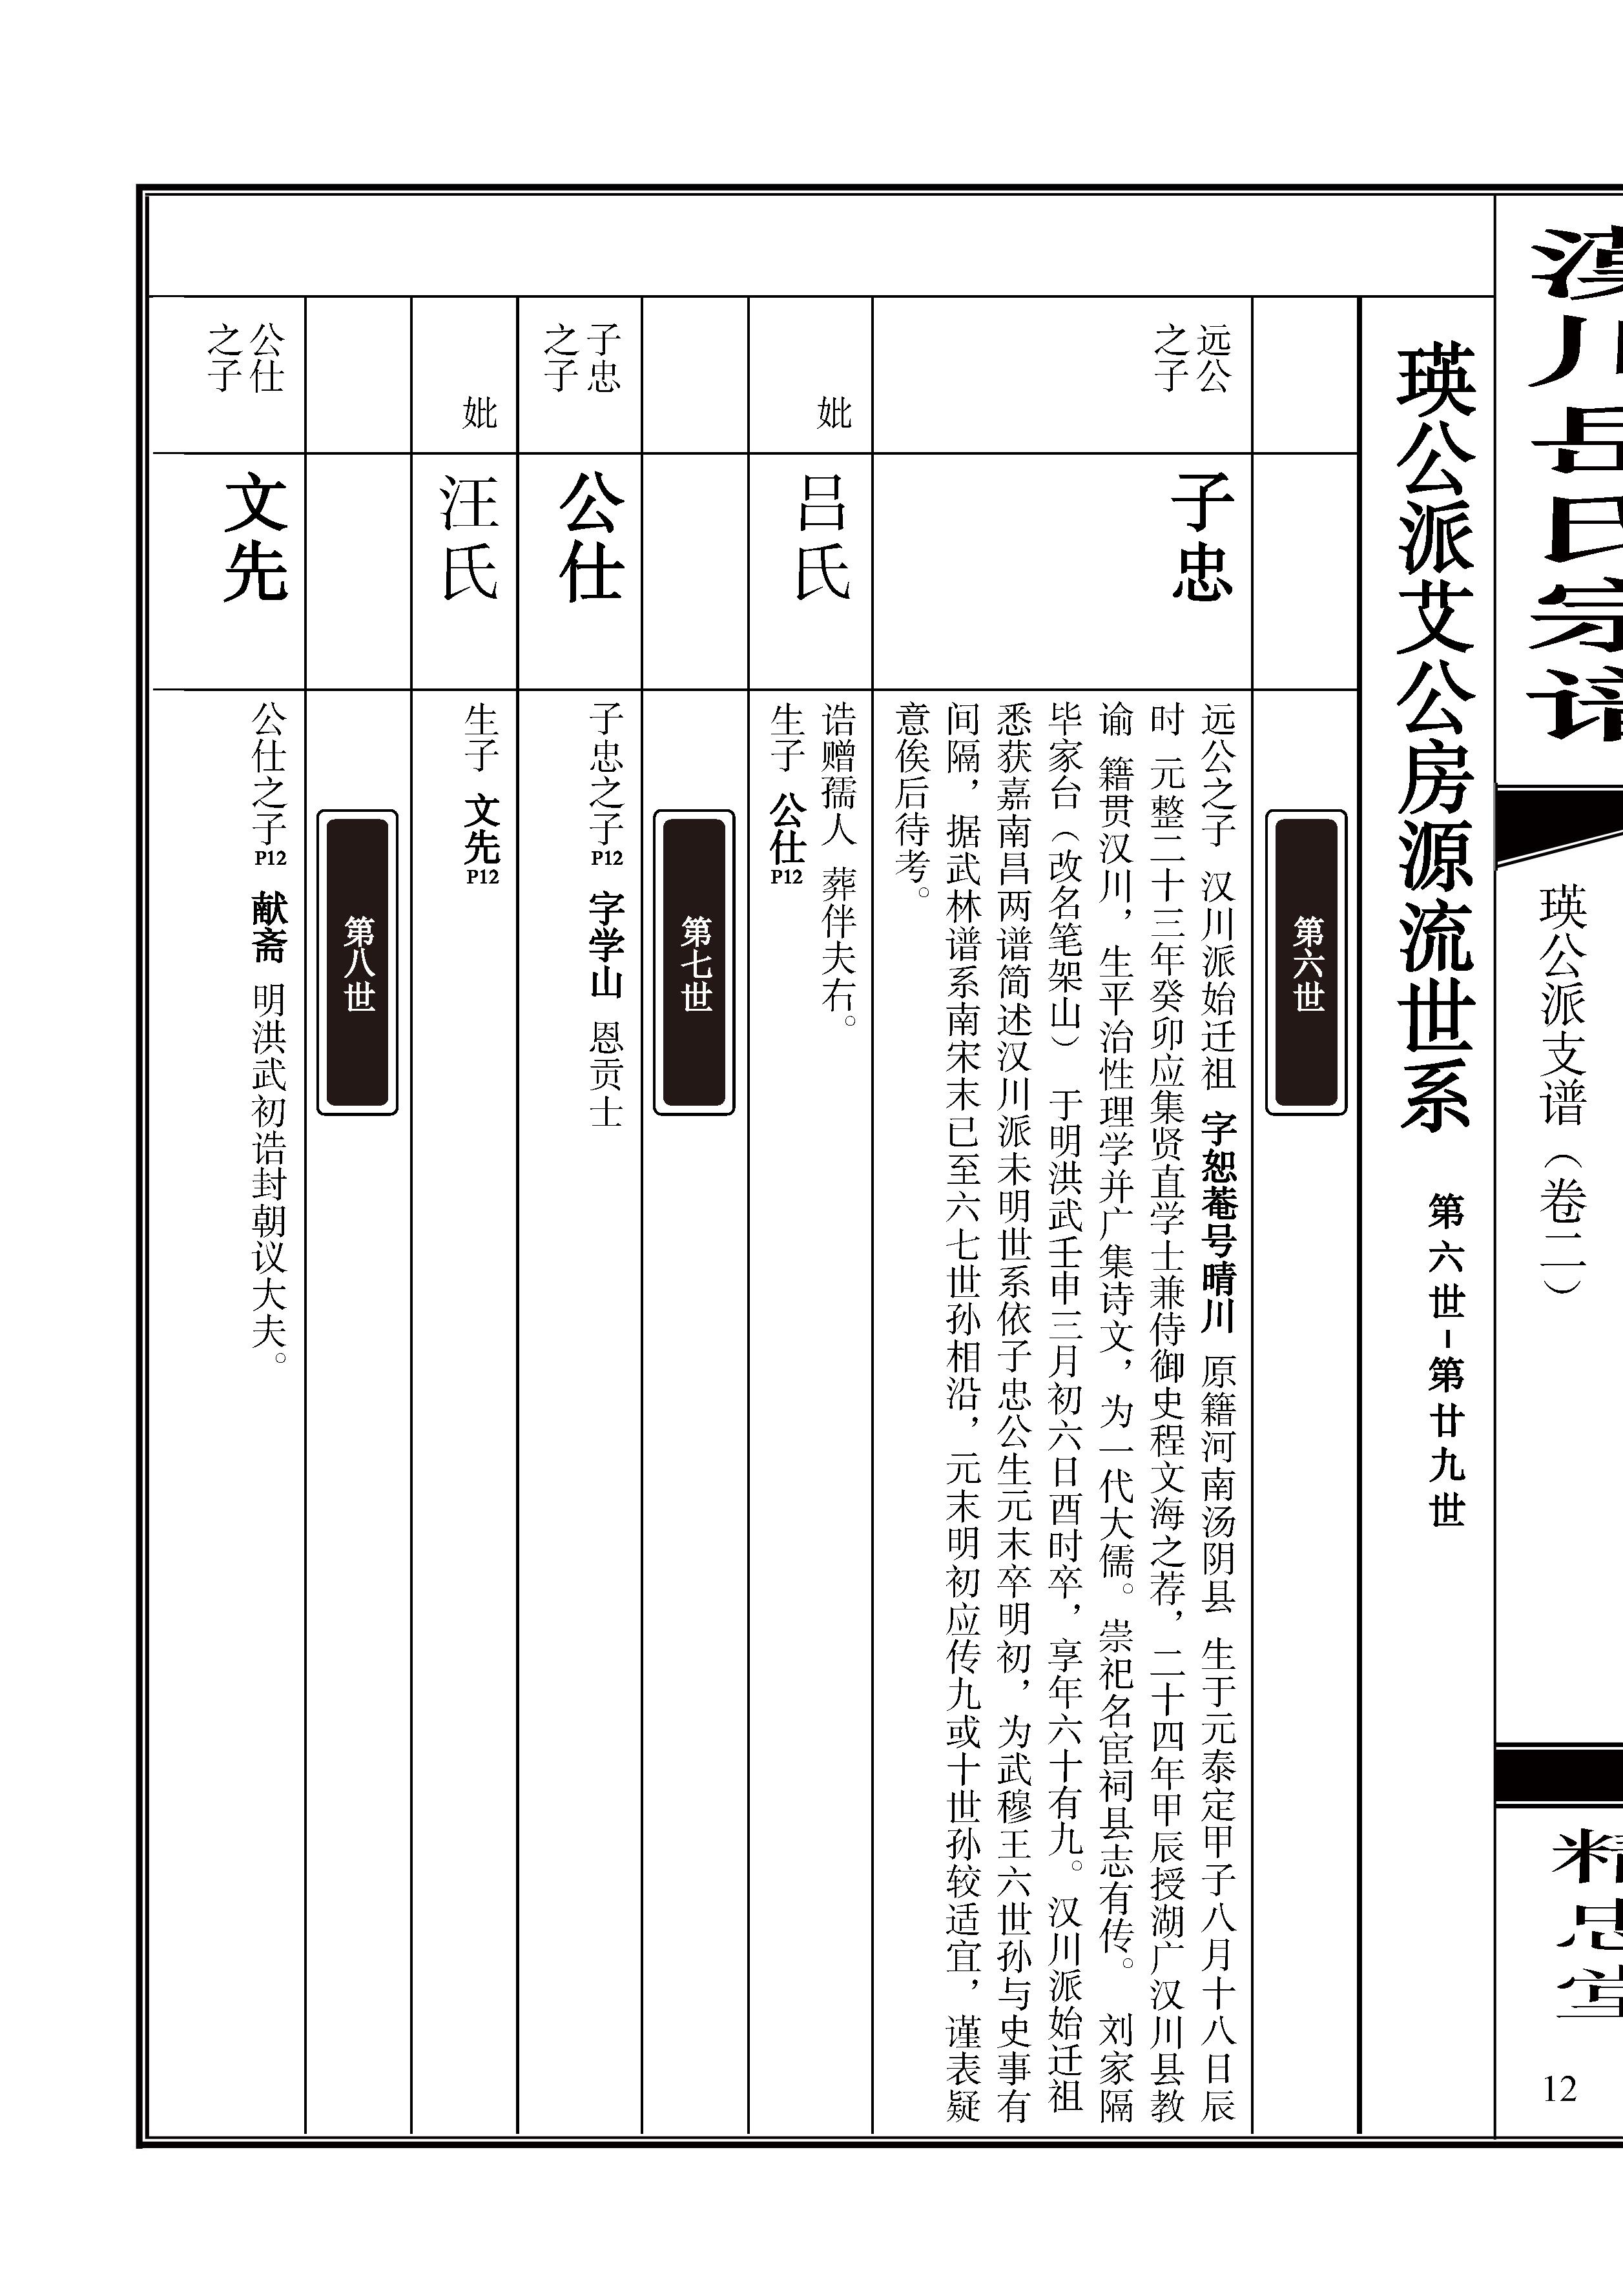 页面提取自-11古典标准苏式_页面_4